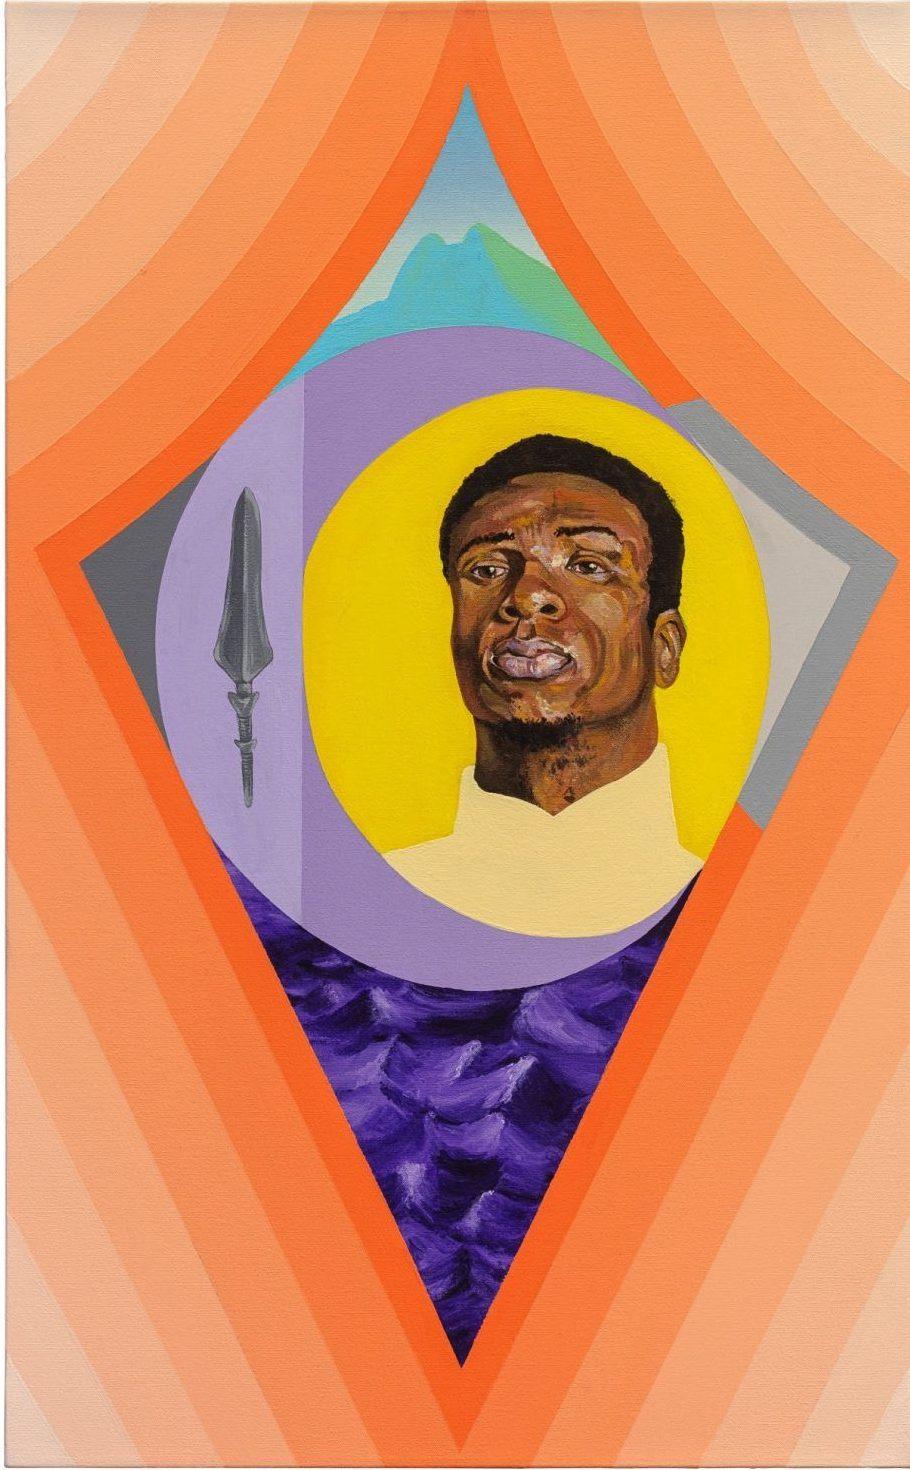 poster cartaz enciclopédia negra pinacoteca arte exposição